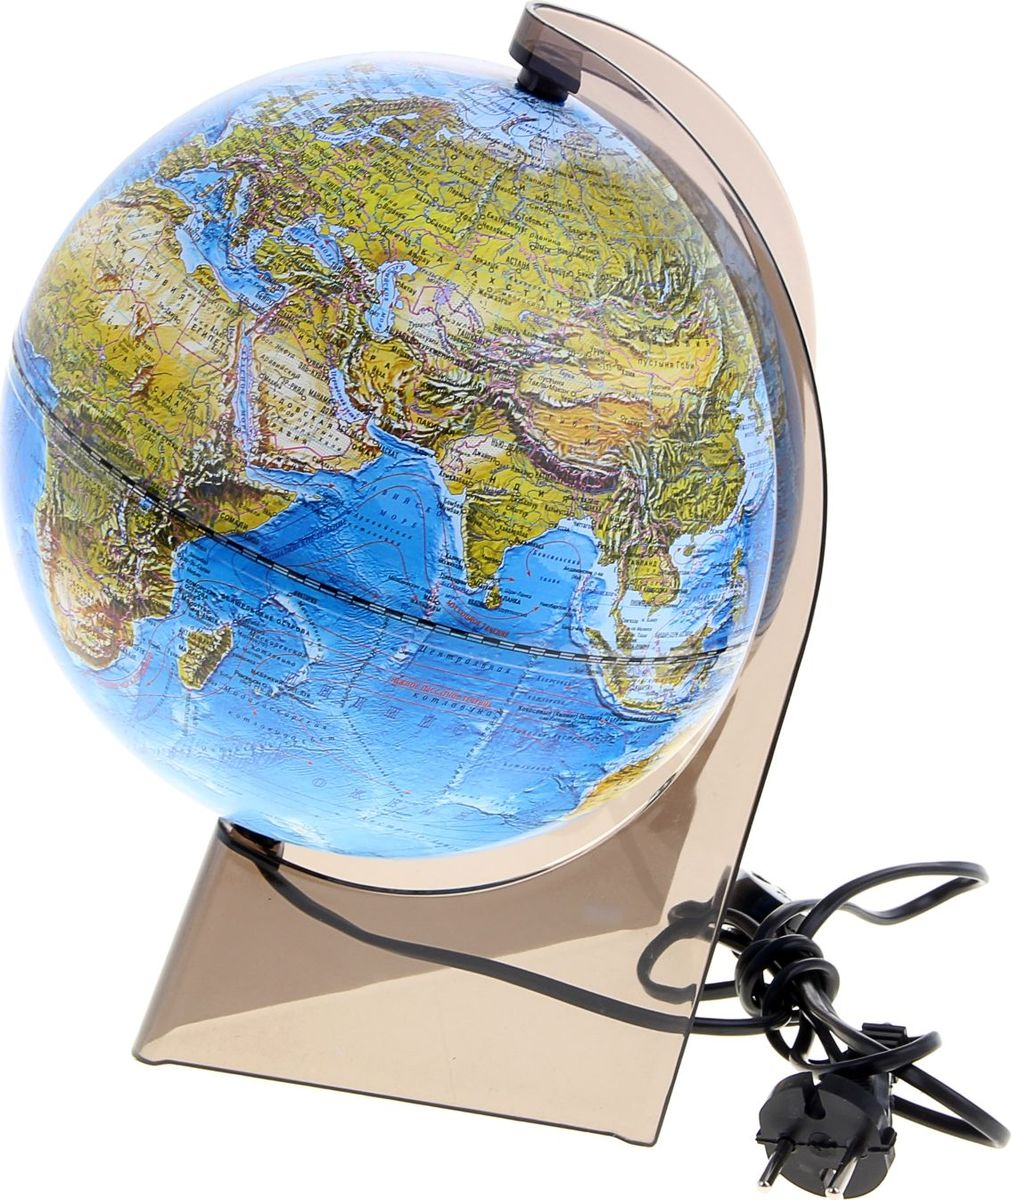 Глобусный мир Глобус ландшафтный с подсветкой диаметр 21 см -  Глобусы